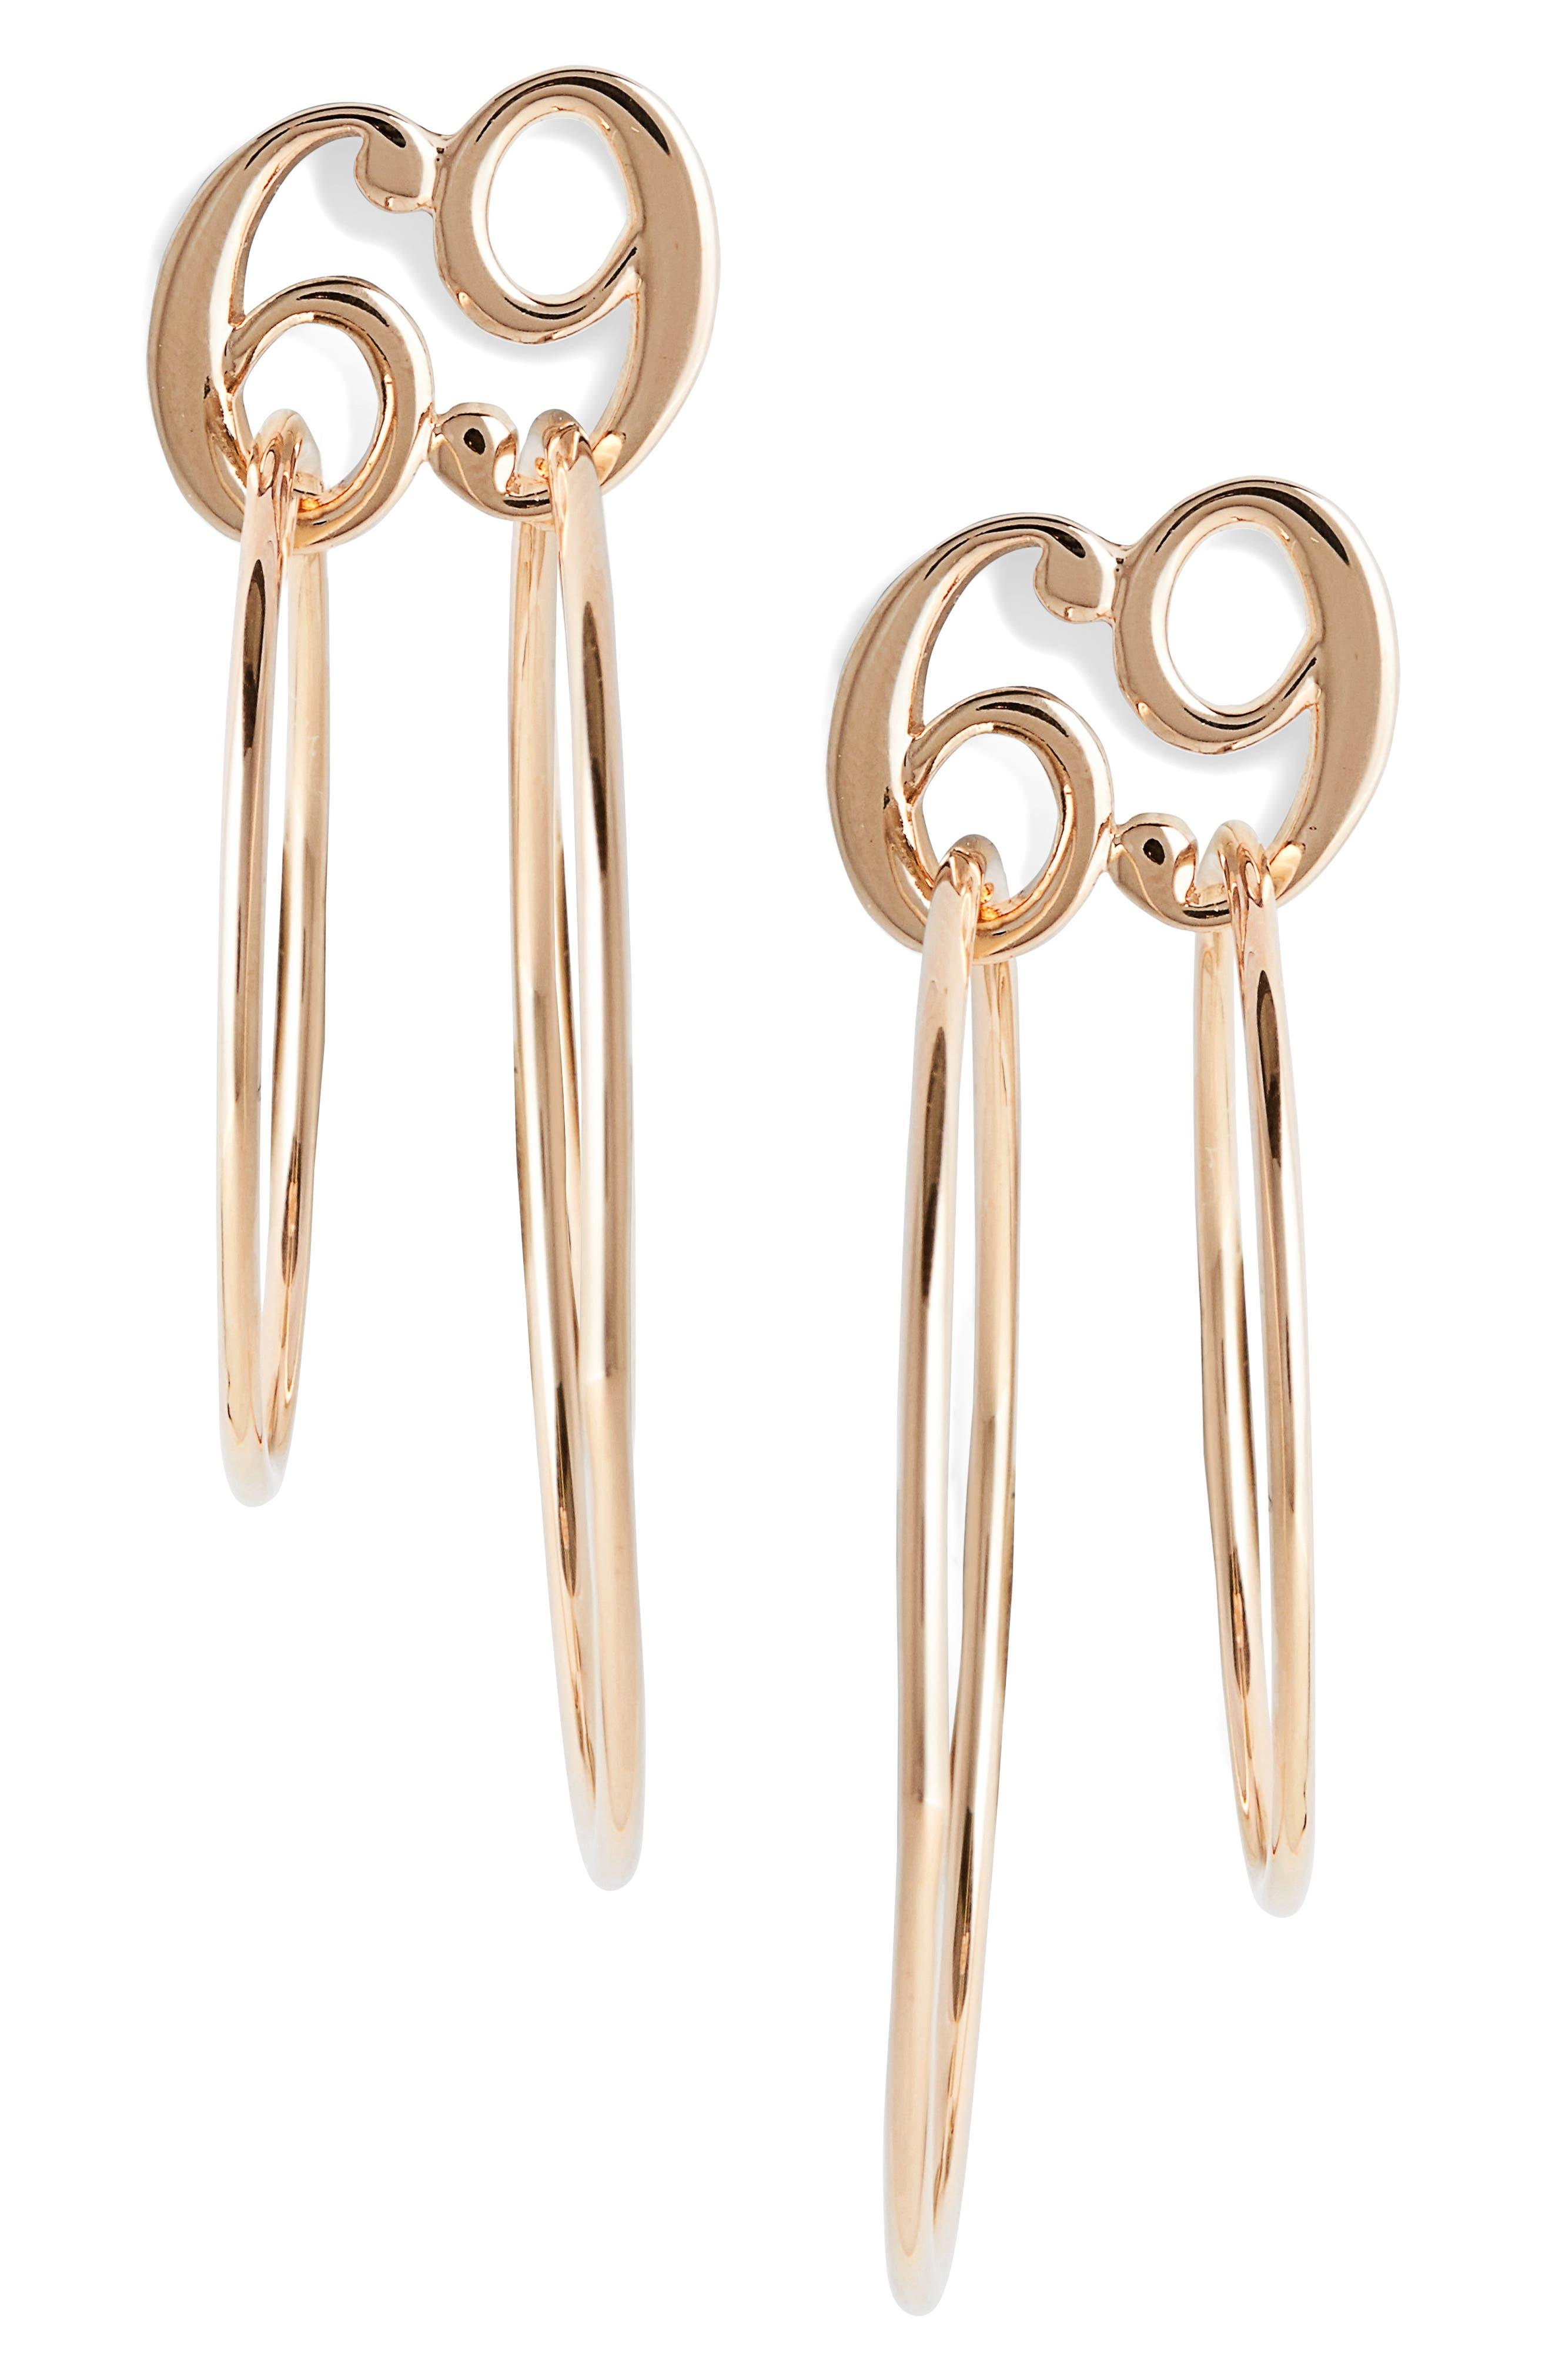 JIWINAIA 69 Double Hoop Earrings in 18 Kt Gold Plated Brass